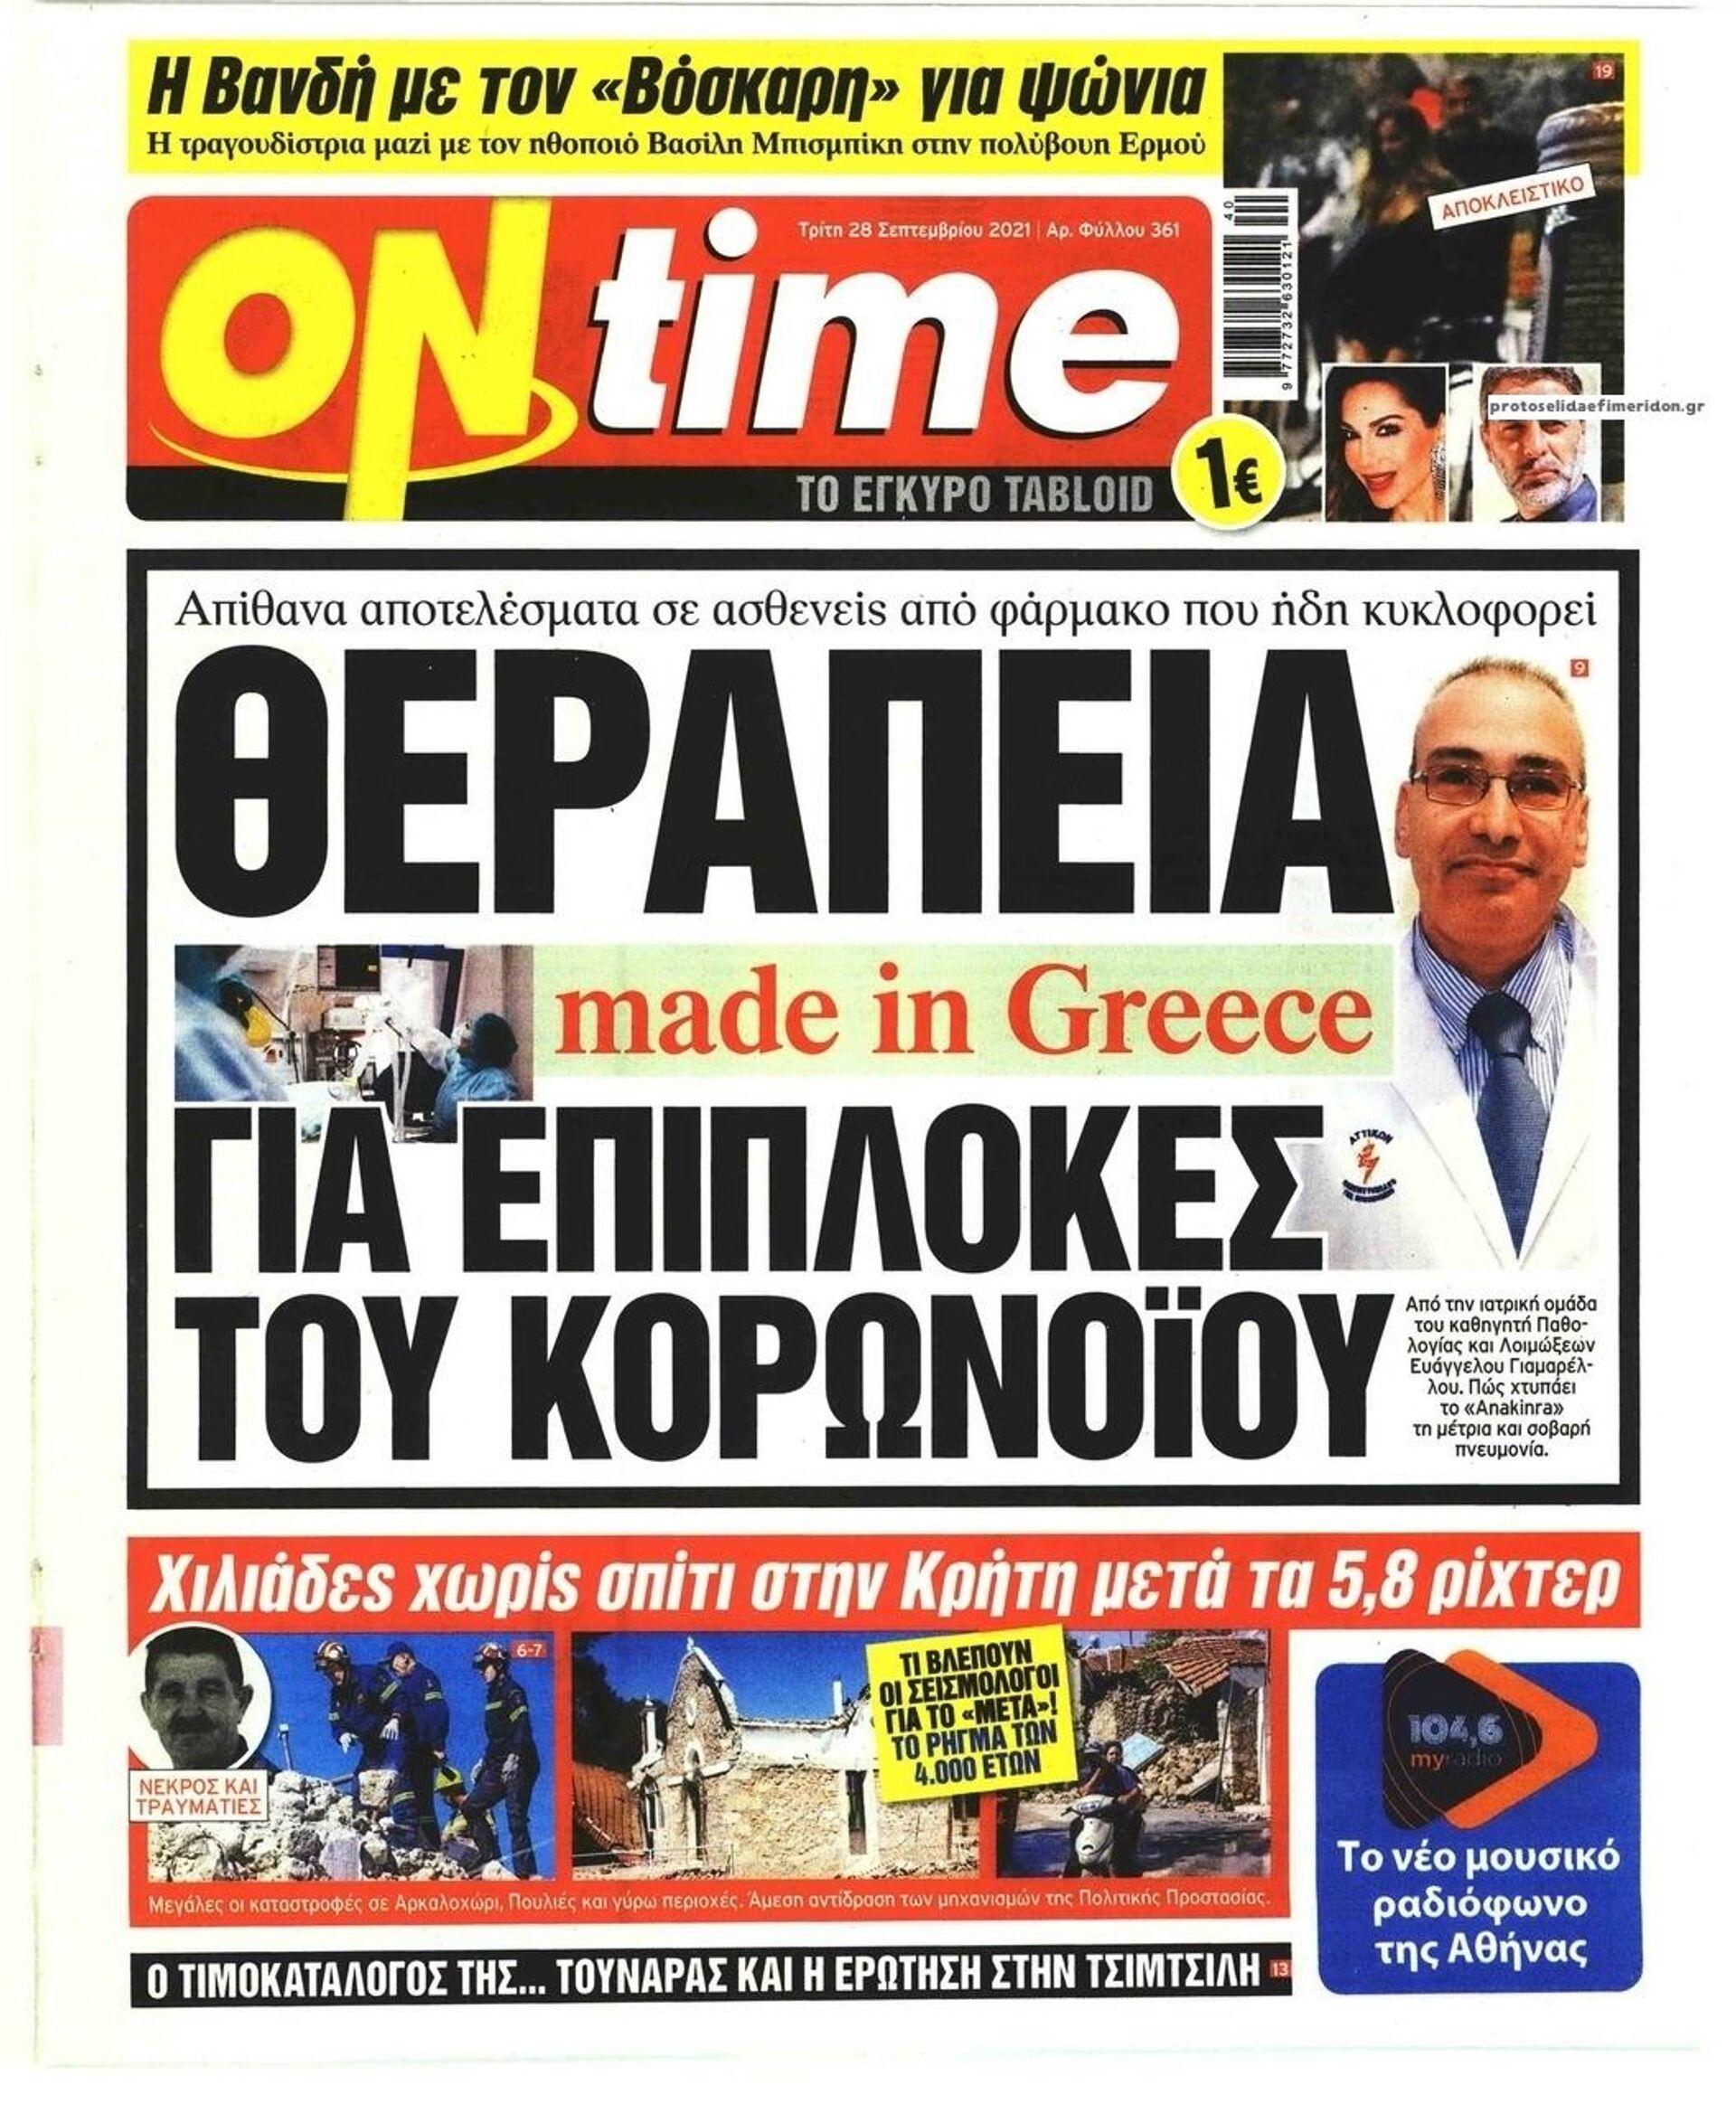 Το πρωτοσέλιδο της εφημερίδας On Time για την Τρίτη 28 Σεπτεμβρίου - Sputnik Ελλάδα, 1920, 28.09.2021